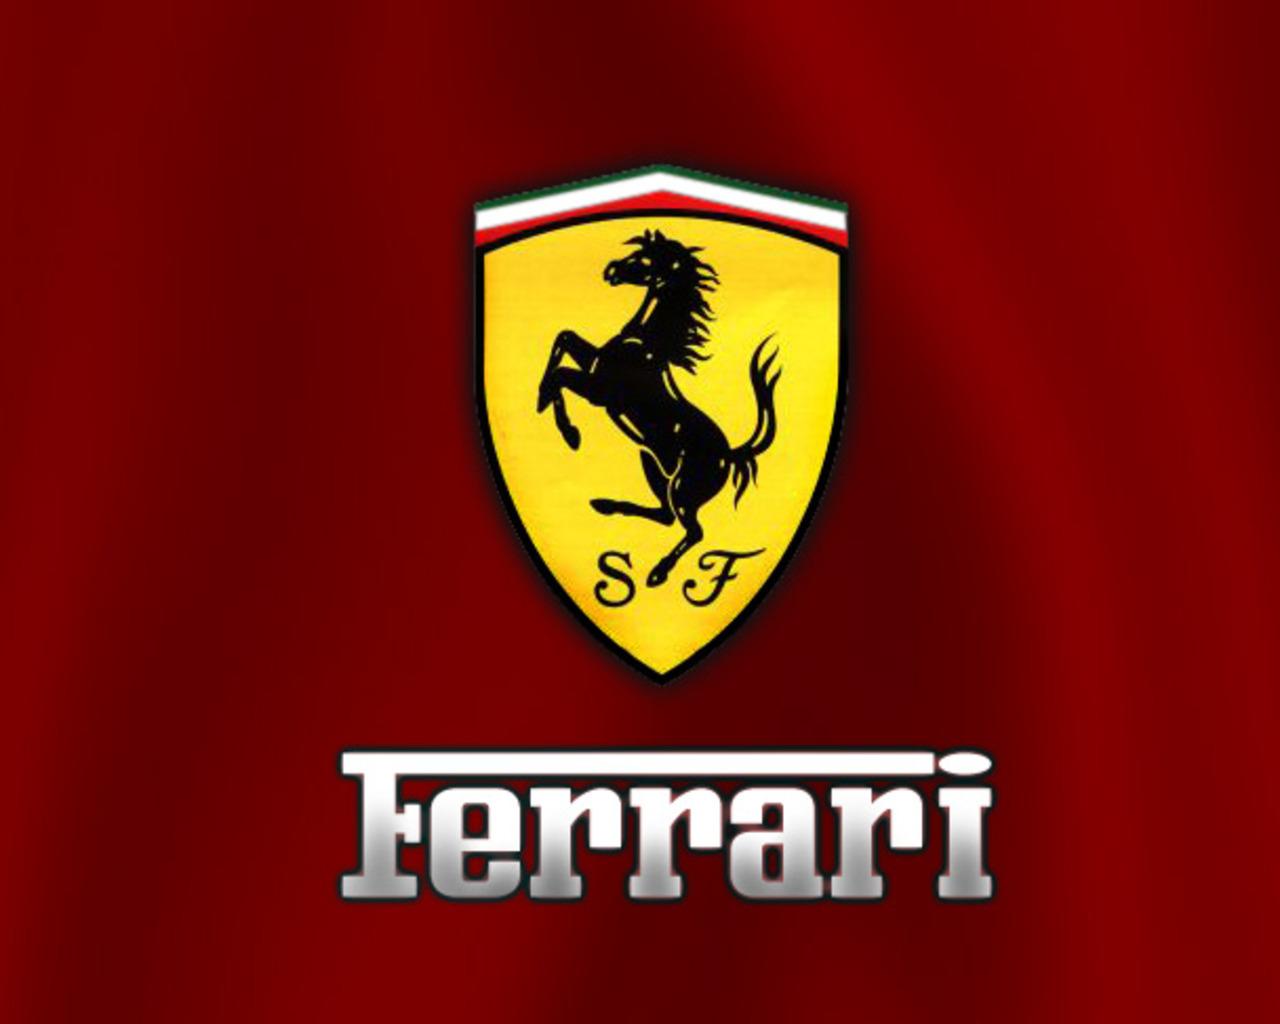 Ferrari Symbol Wallpaper